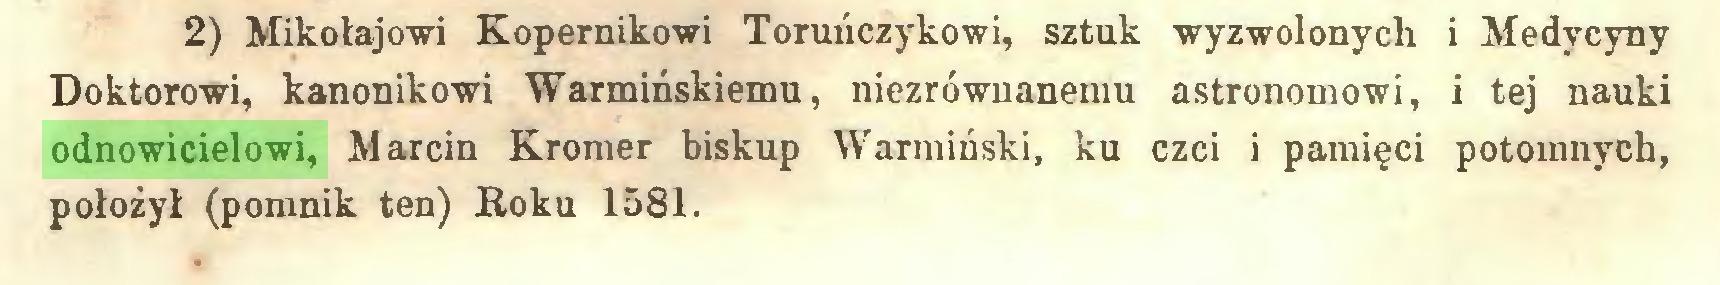 (...) 2) Mikołajowi Kopernikowi Toruńczykowi, sztuk wyzwolonych i Medycyny Doktorowi, kanonikowi Warmińskiemu, niezrównanemu astronomowi, i tej nauki odnowicielowi, Marcin Kromer biskup Warmiński, ku czci i pamięci potomnych, położył (pomnik ten) Roku 1581...